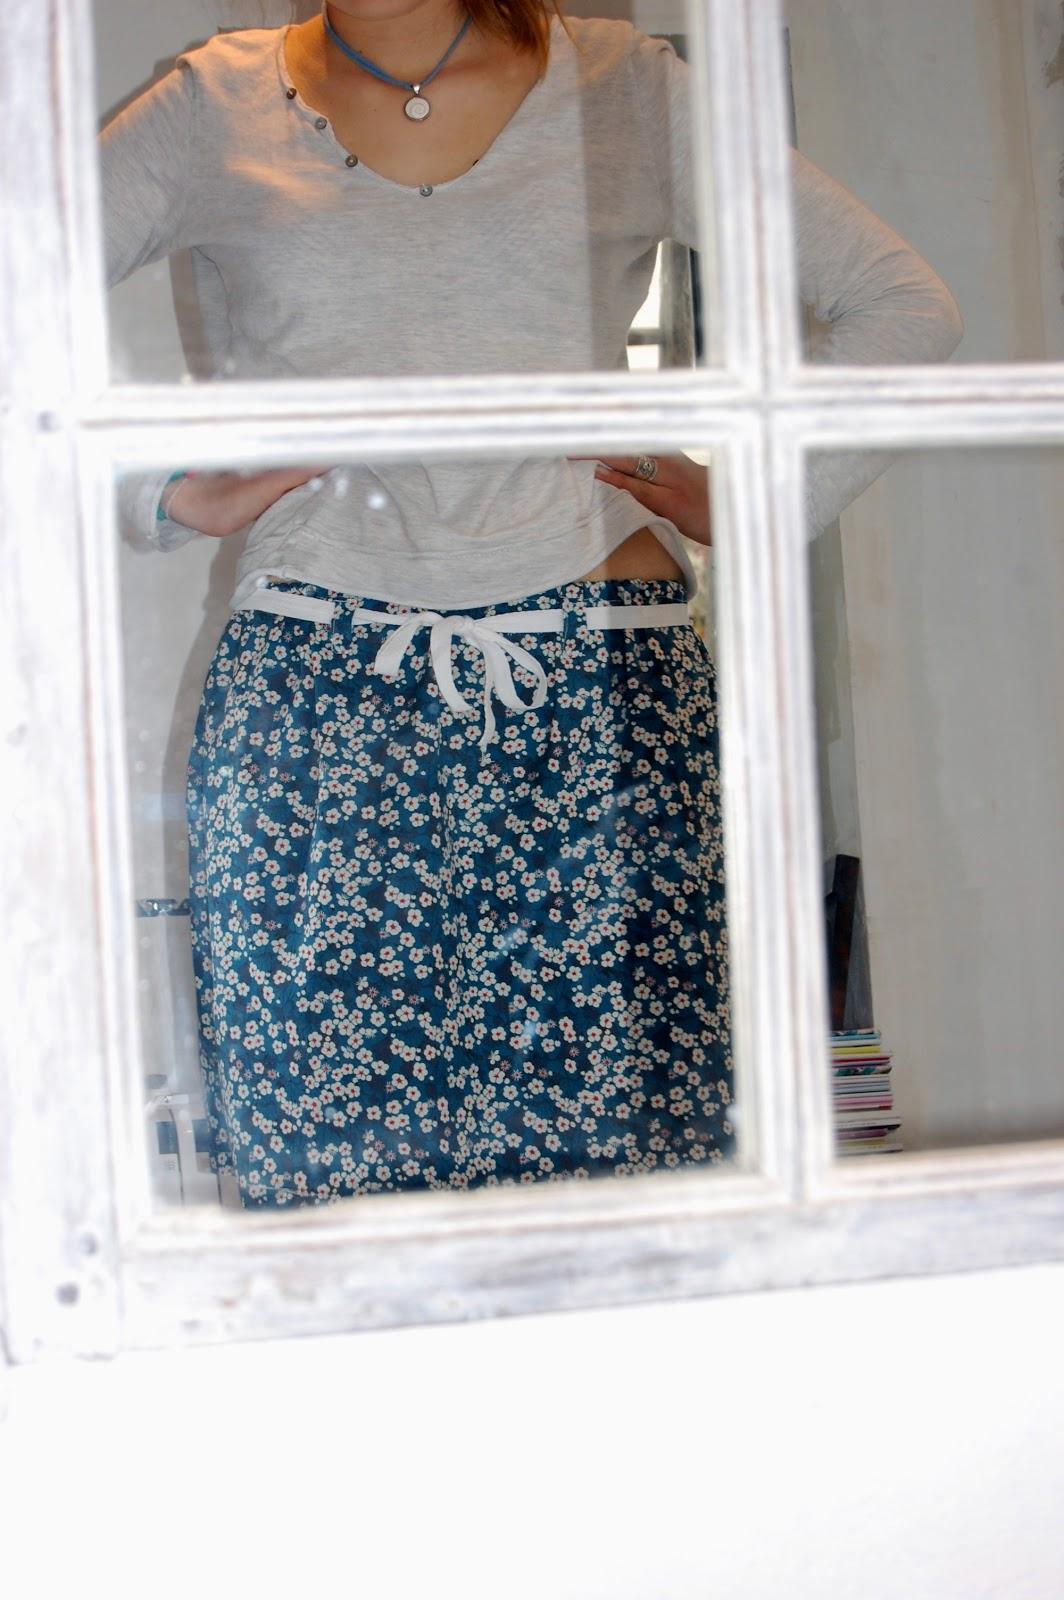 atelier de couture ludique et cr atif comme un air de printemps les petites jupettes des. Black Bedroom Furniture Sets. Home Design Ideas